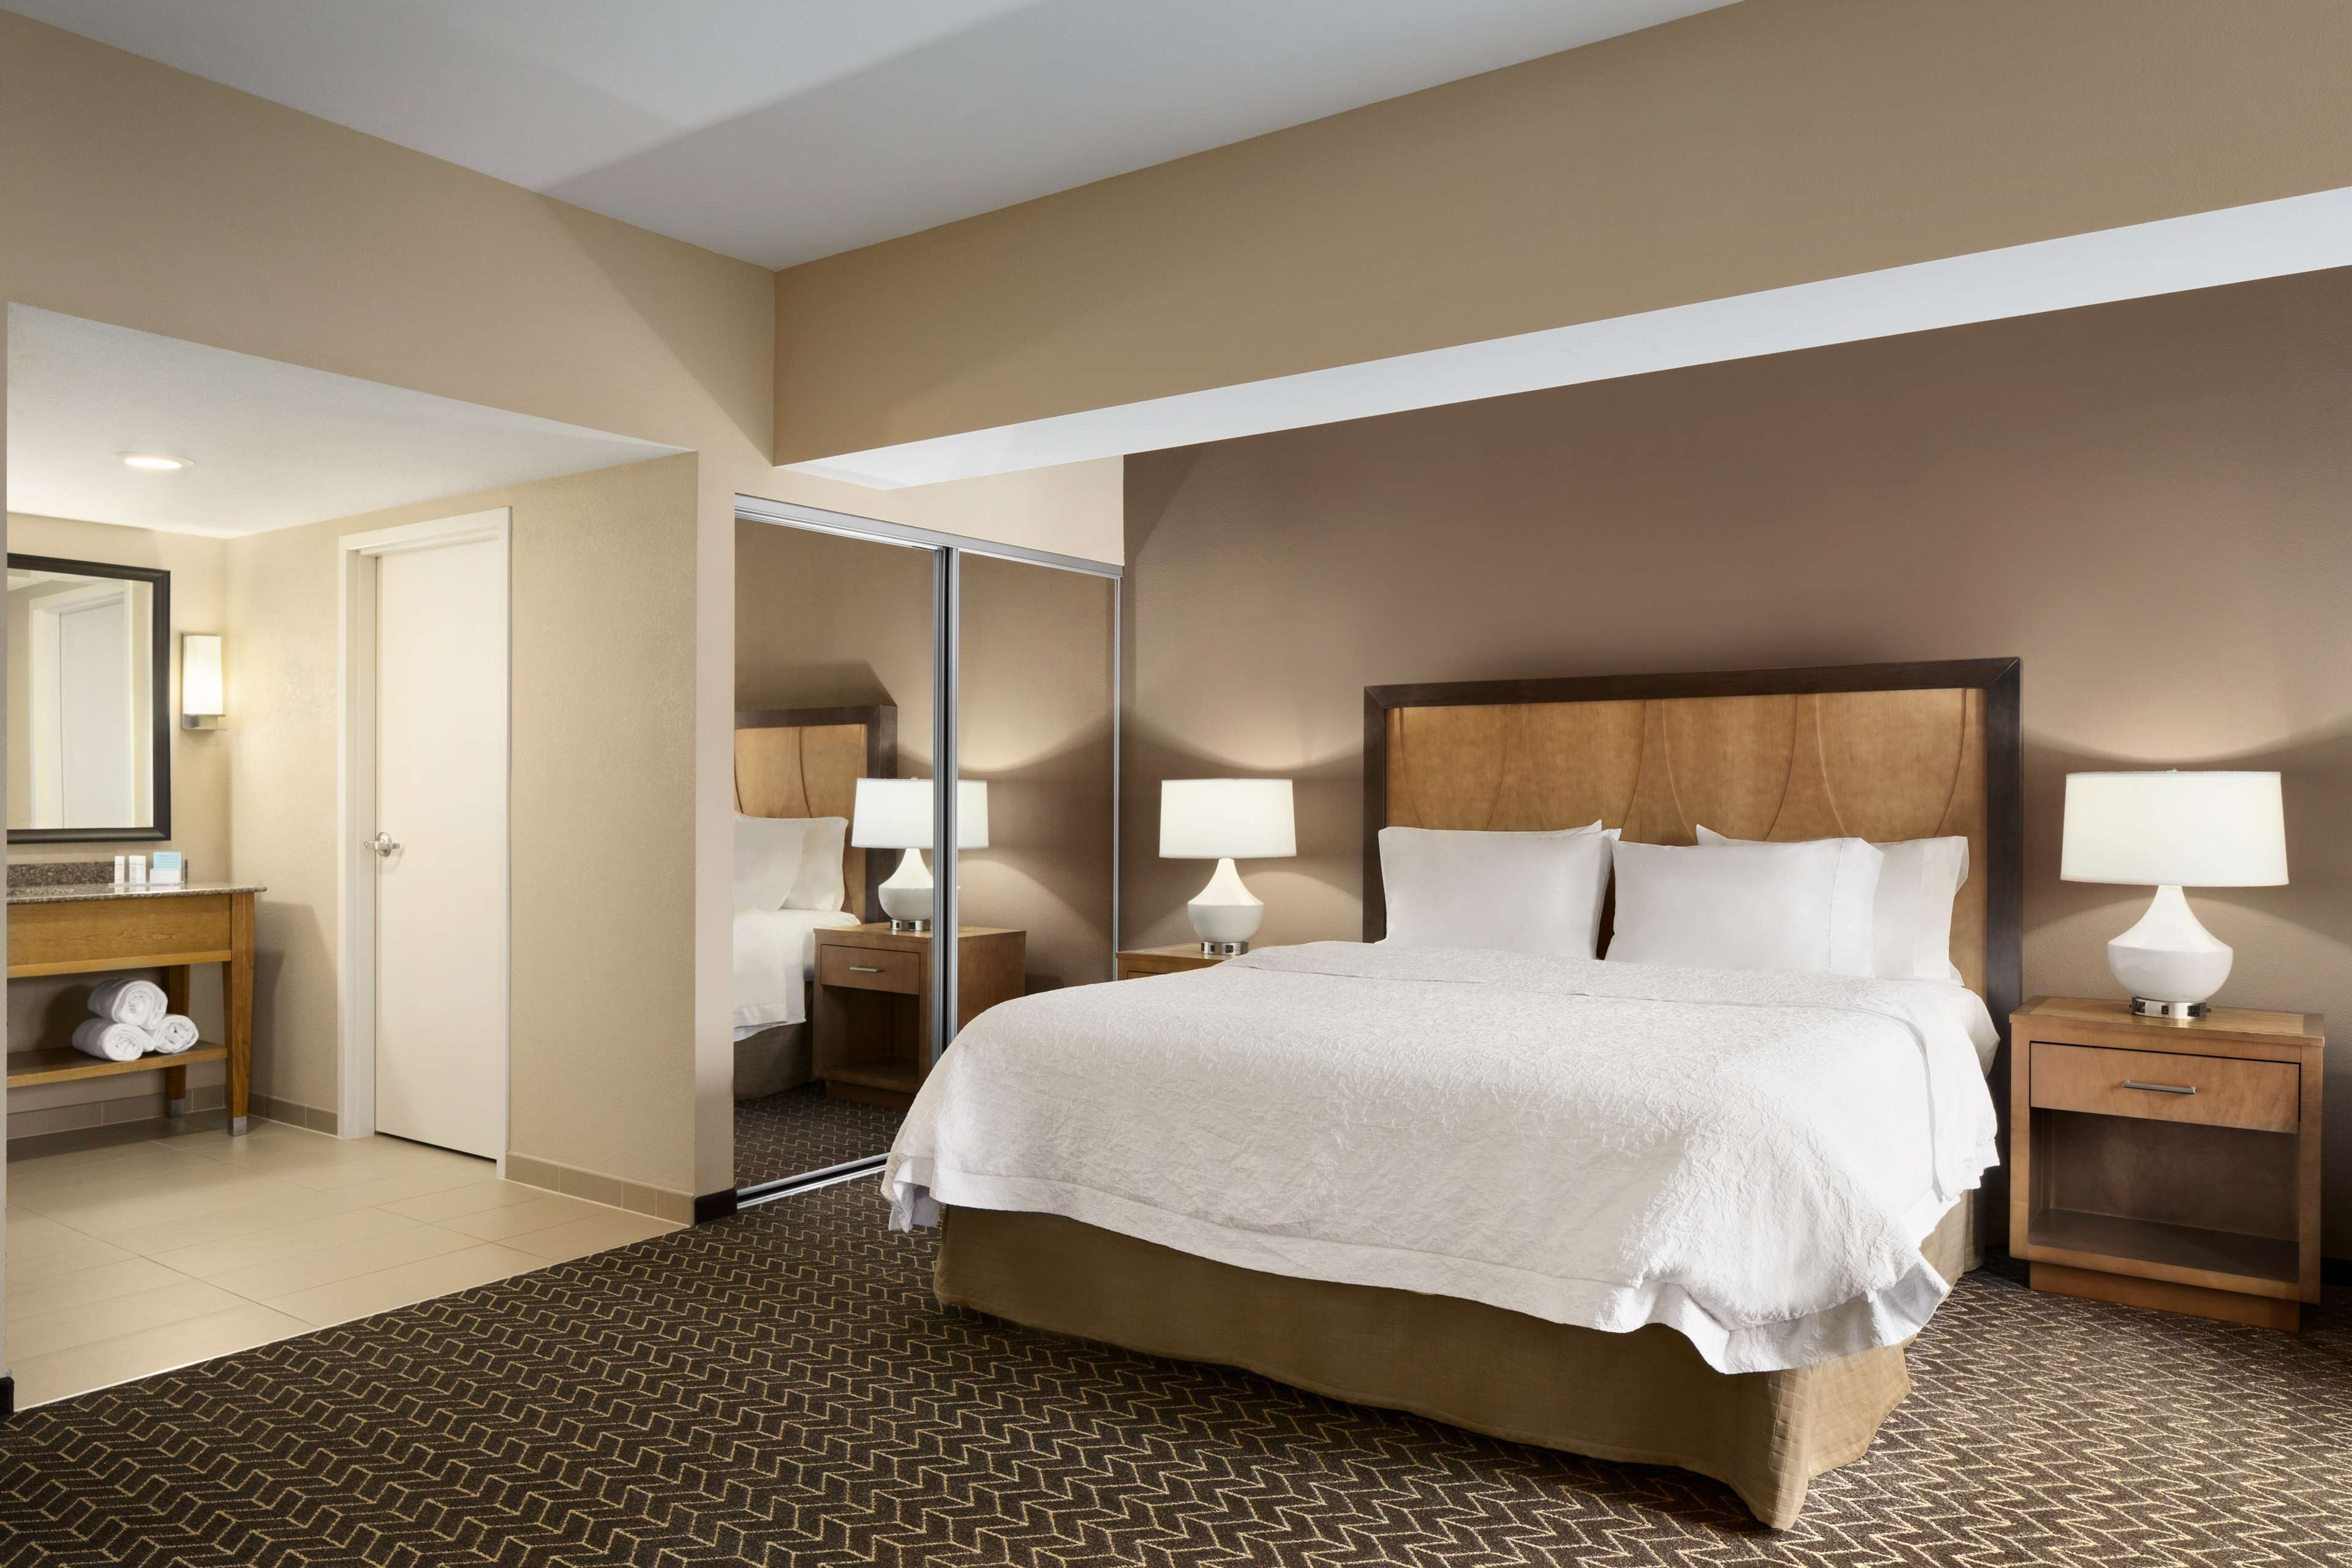 Hampton Inn and Suites Clayton/St Louis-Galleria Area image 27